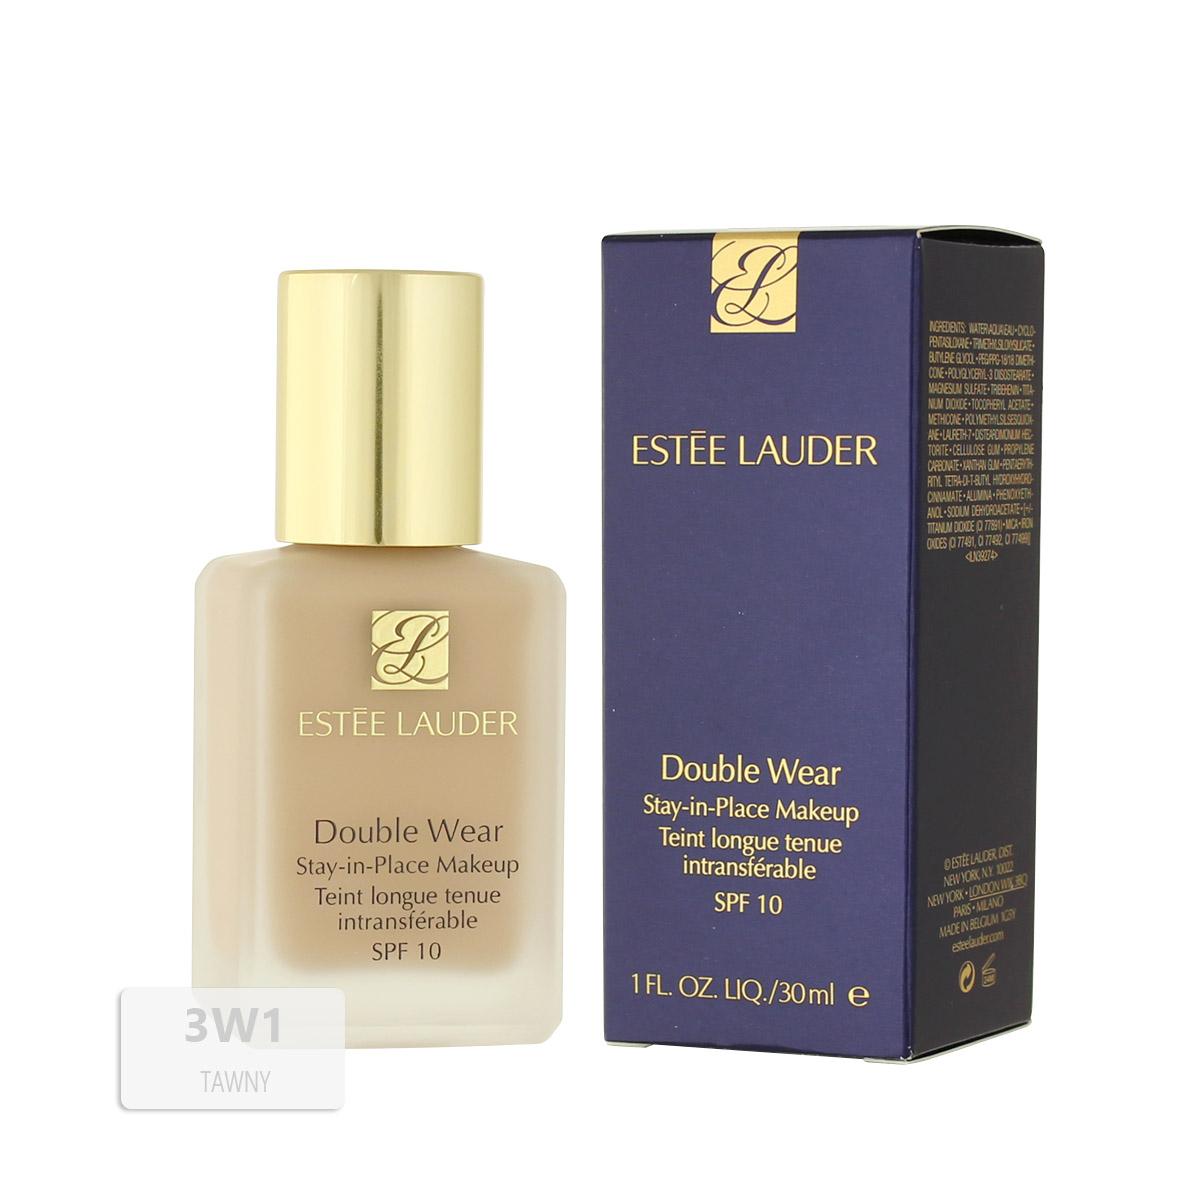 Estée Lauder Double Wear Stay-in-Place Makeup (3W1 Tawny) 30 ml